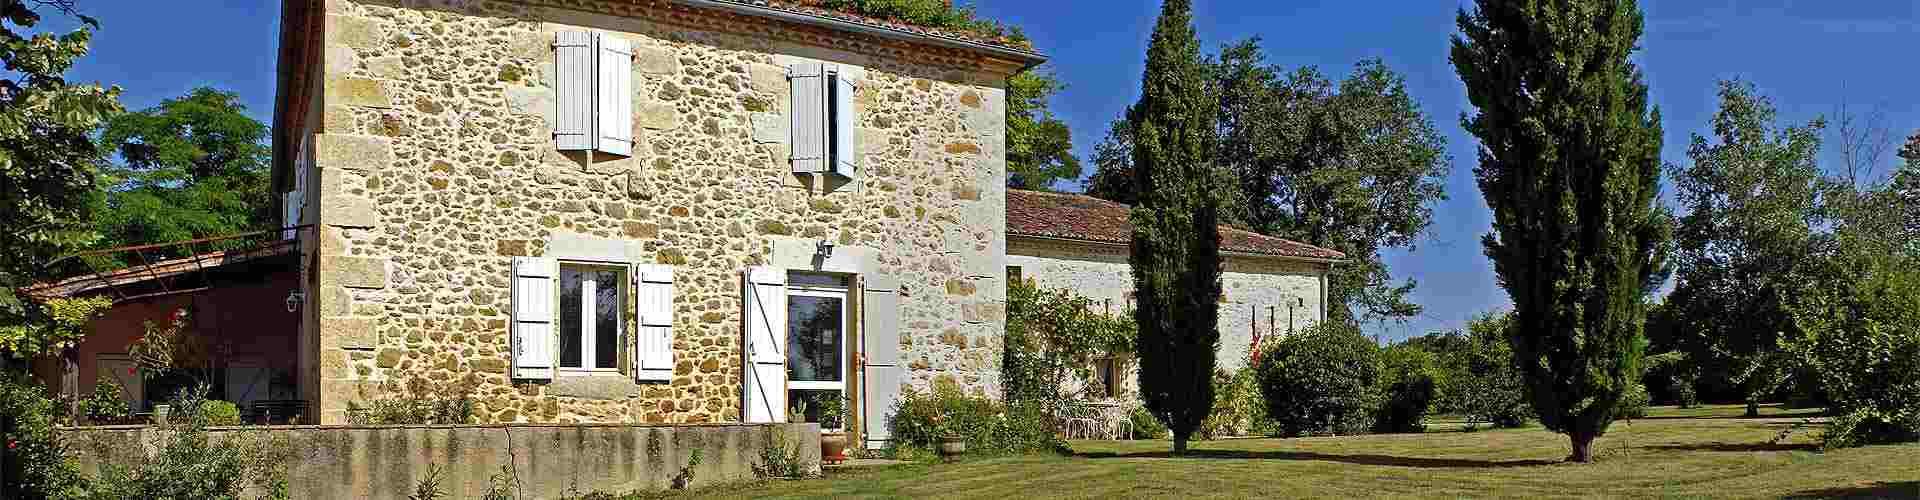 Casas rurales en sant mateu y alrededores castell n - Casa rurales en castellon ...